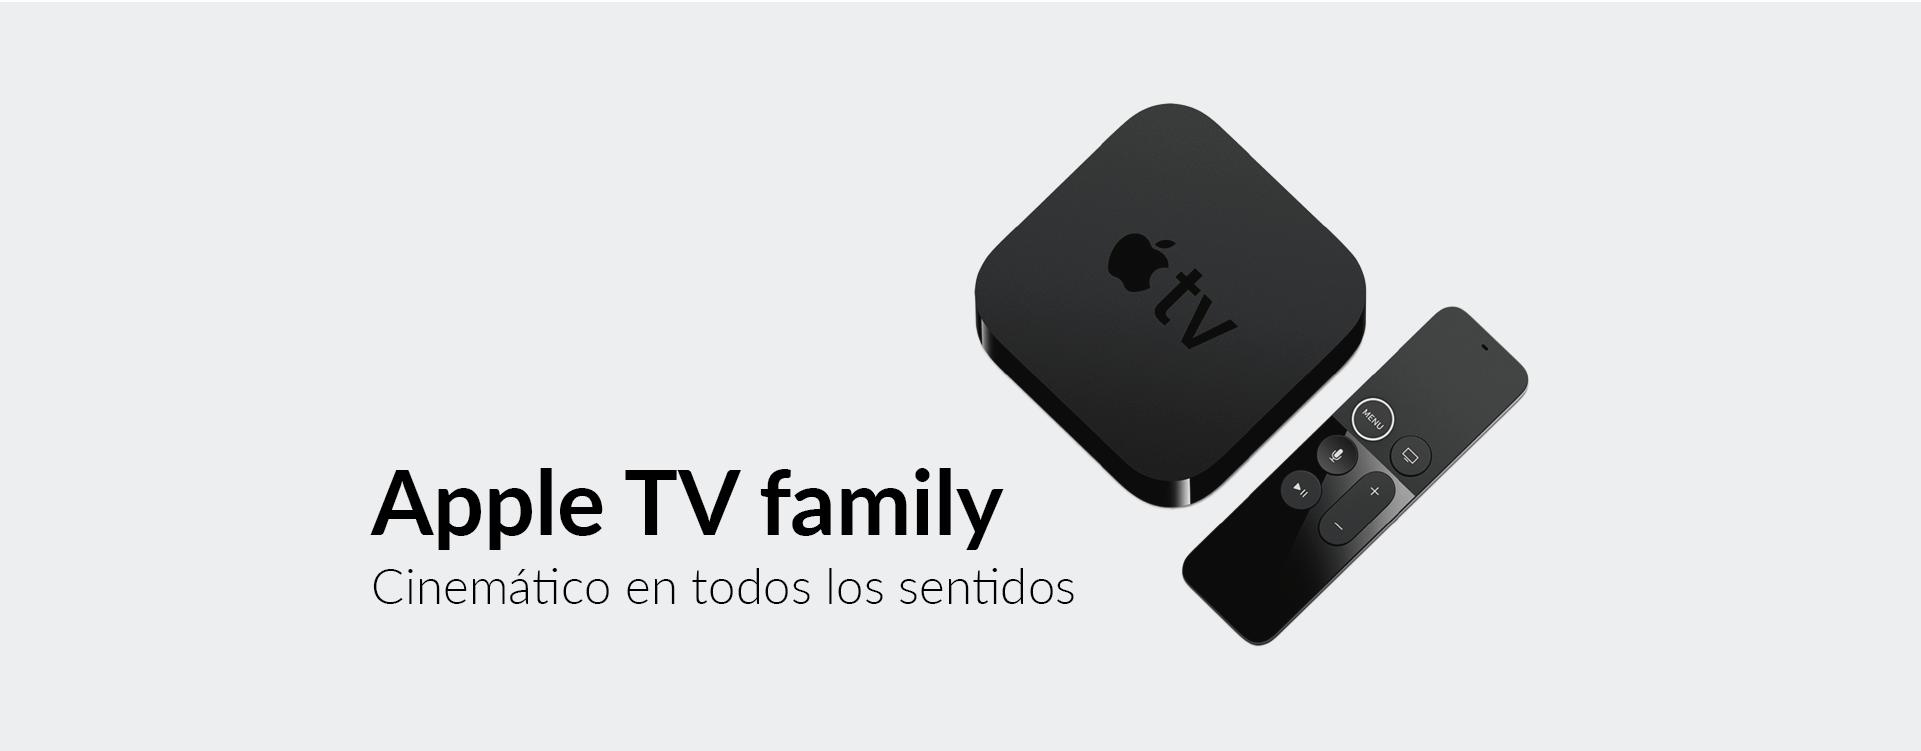 Apple TV family